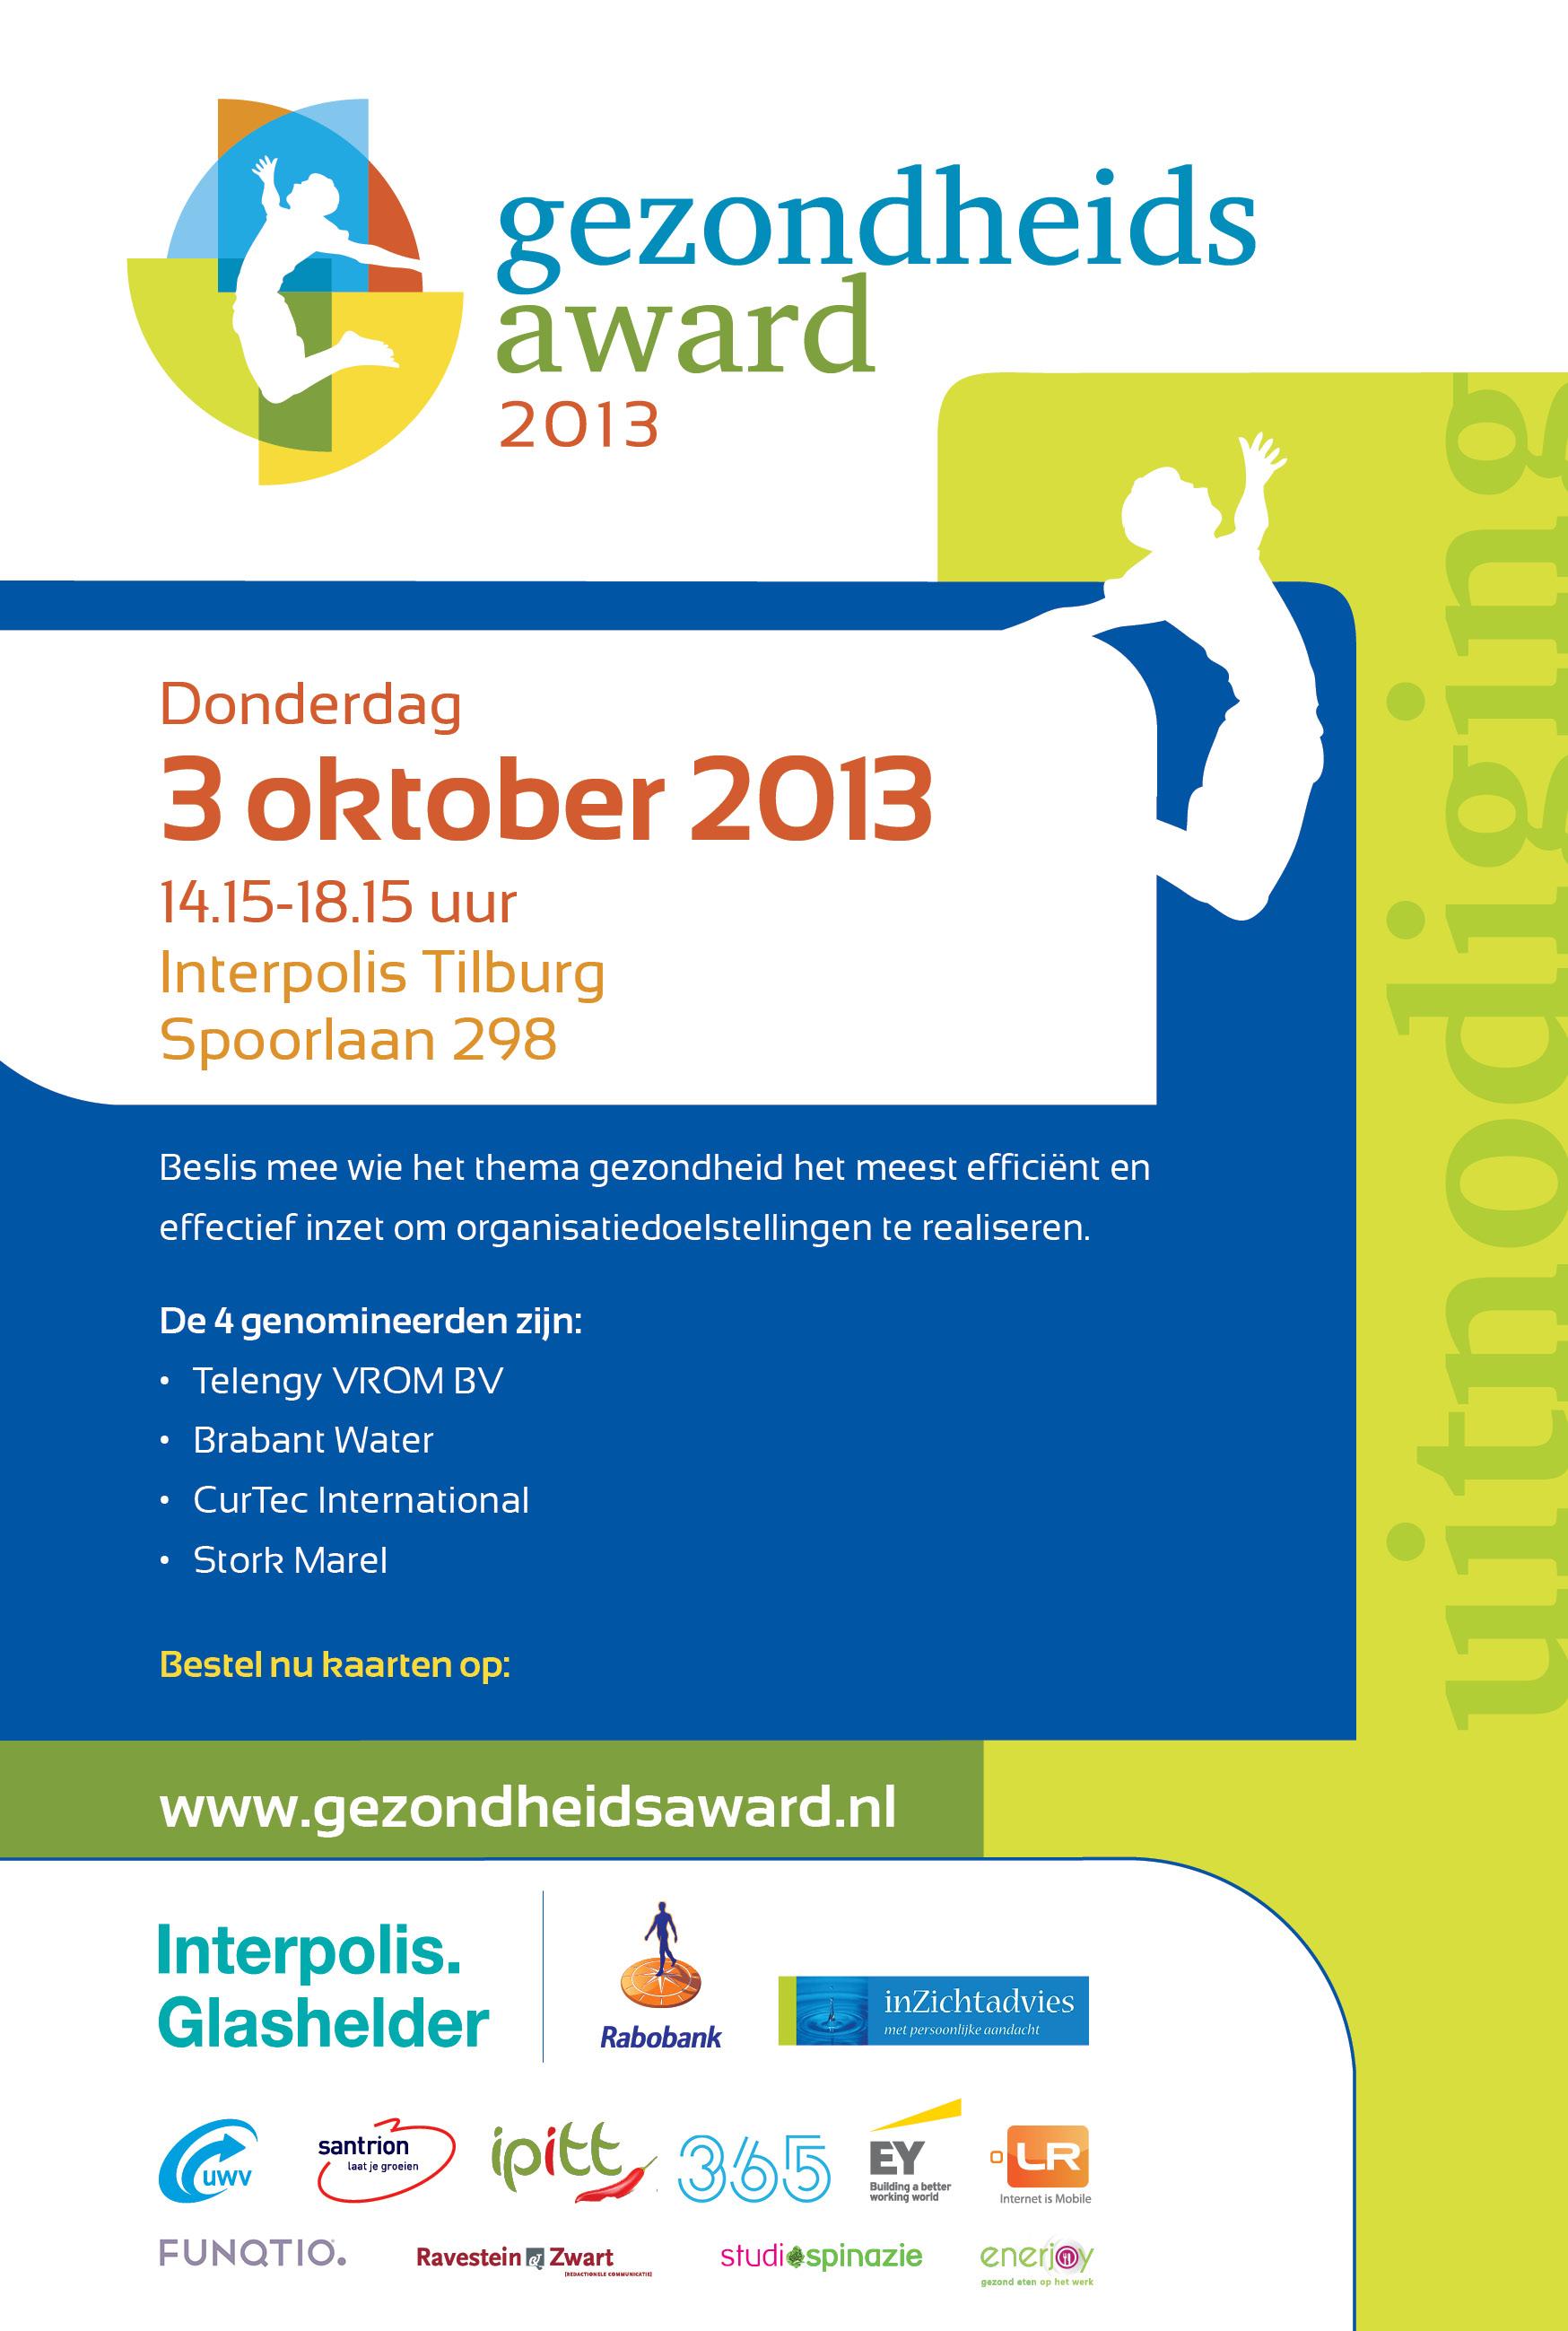 Gezondheidsaward aankondiging 2013